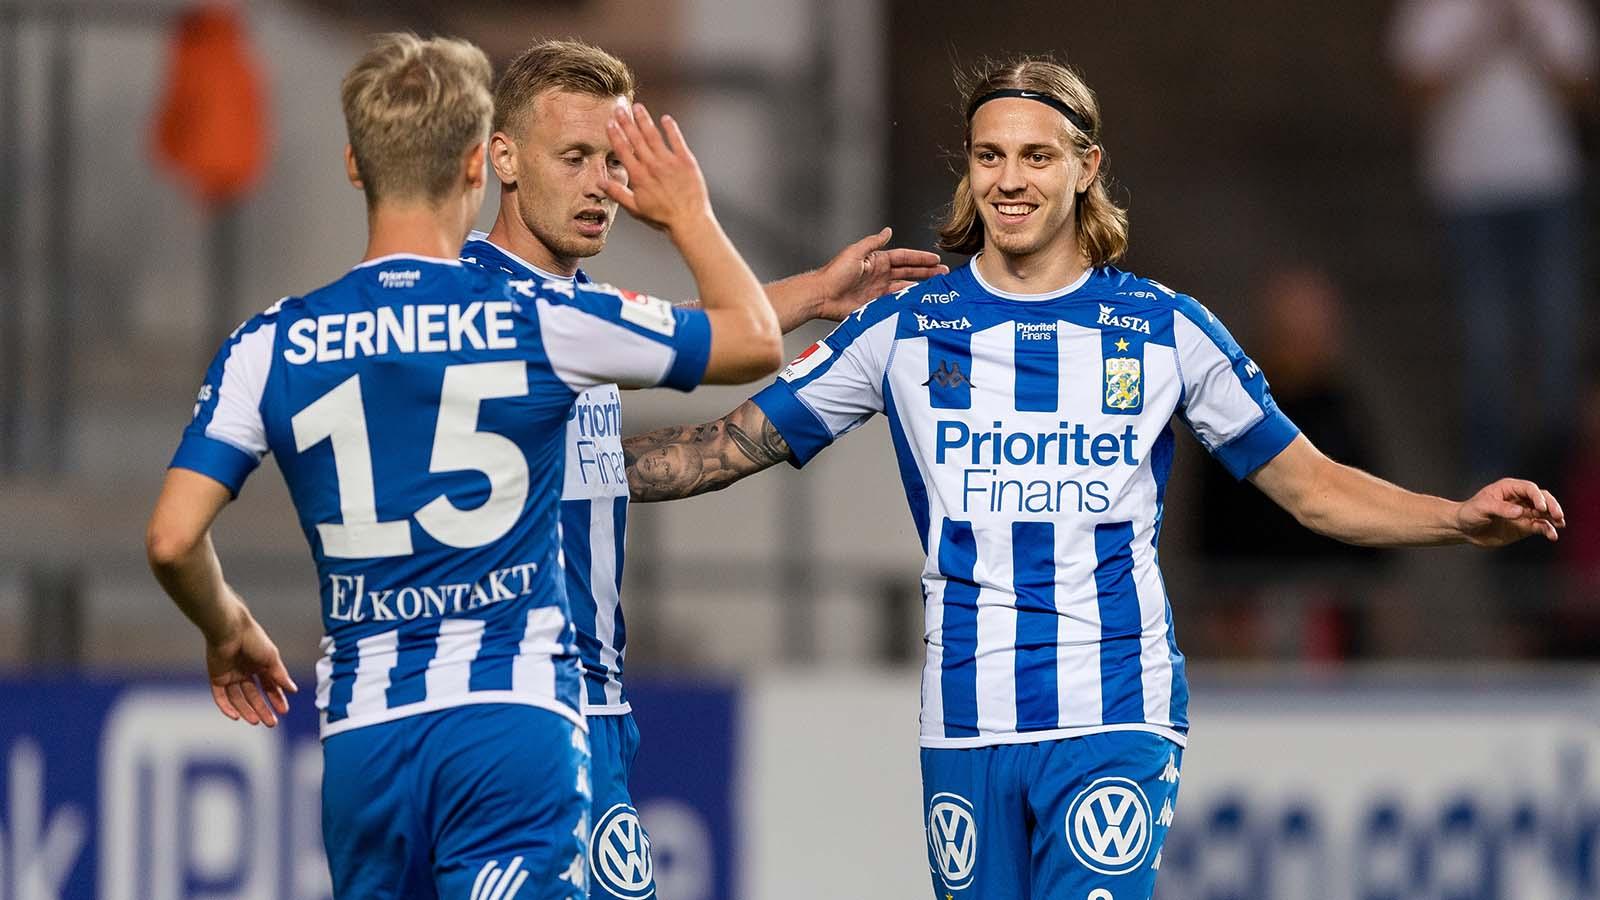 180714 IFK Göteborgs Elias Mar Omarsson jublar efter 2-0 under fotbollsmatchen i Allsvenskan mellan IFK Göteborg och Örebro den 14 juli 2018 i Göteborg. Foto: Krister Andersson / BILDBYRÅN / Kod KA / Cop 147